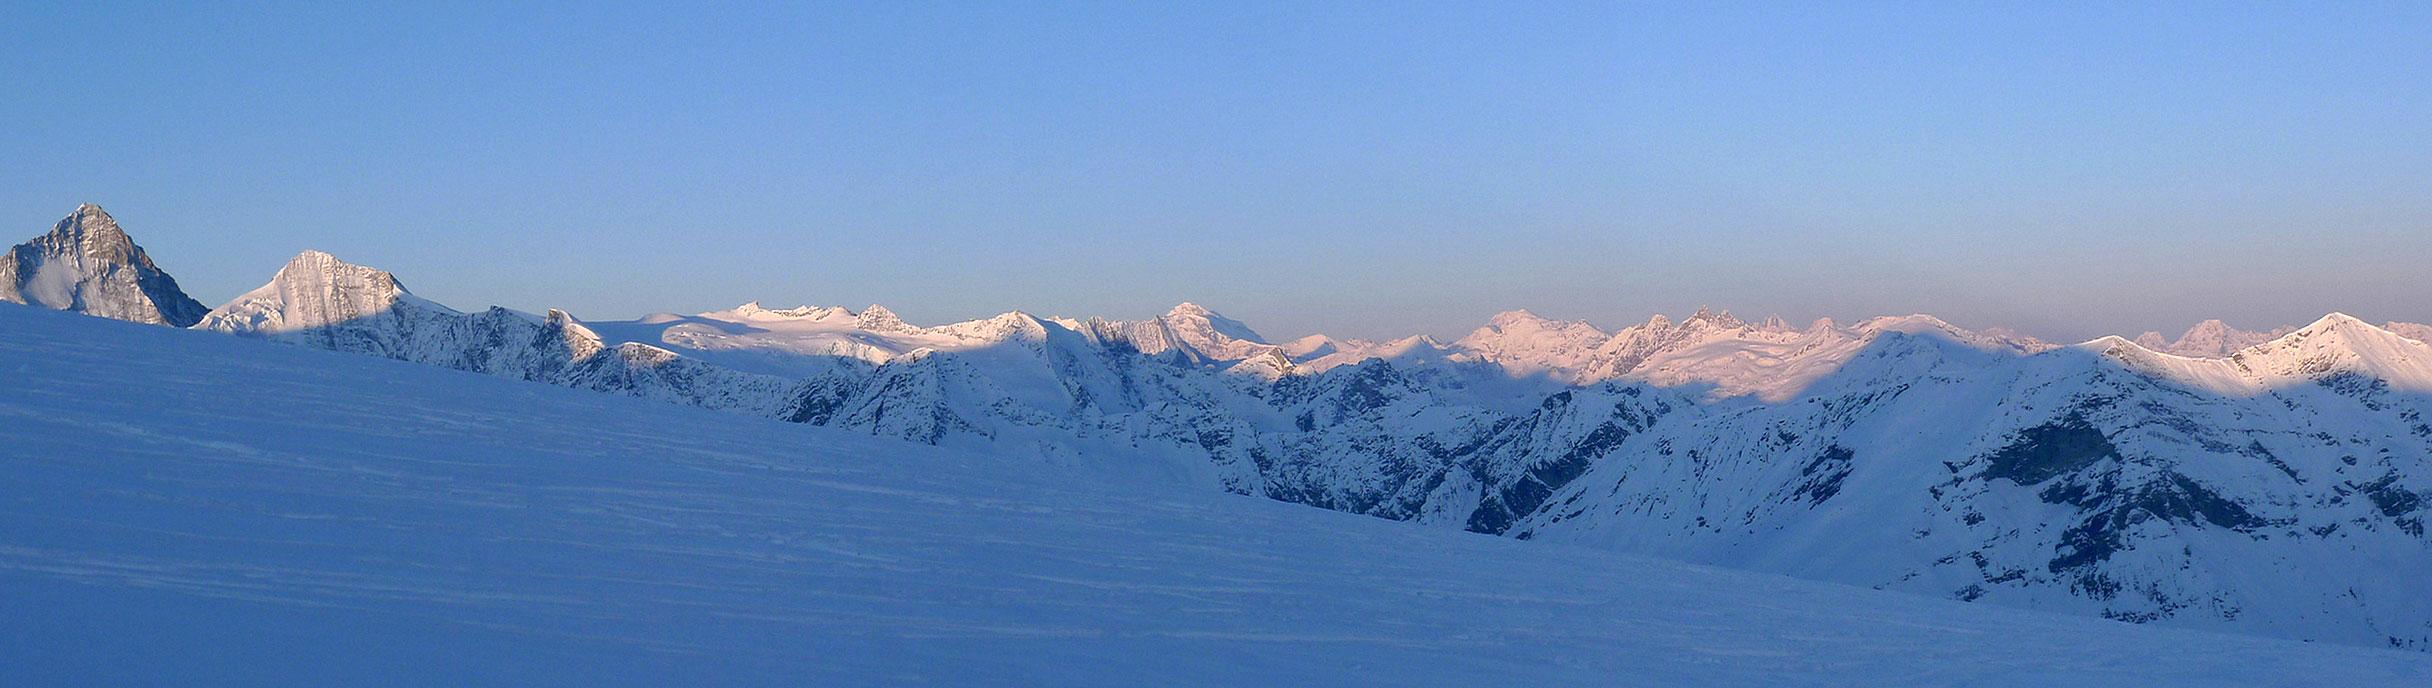 Bishorn Walliser Alpen / Alpes valaisannes Switzerland panorama 11